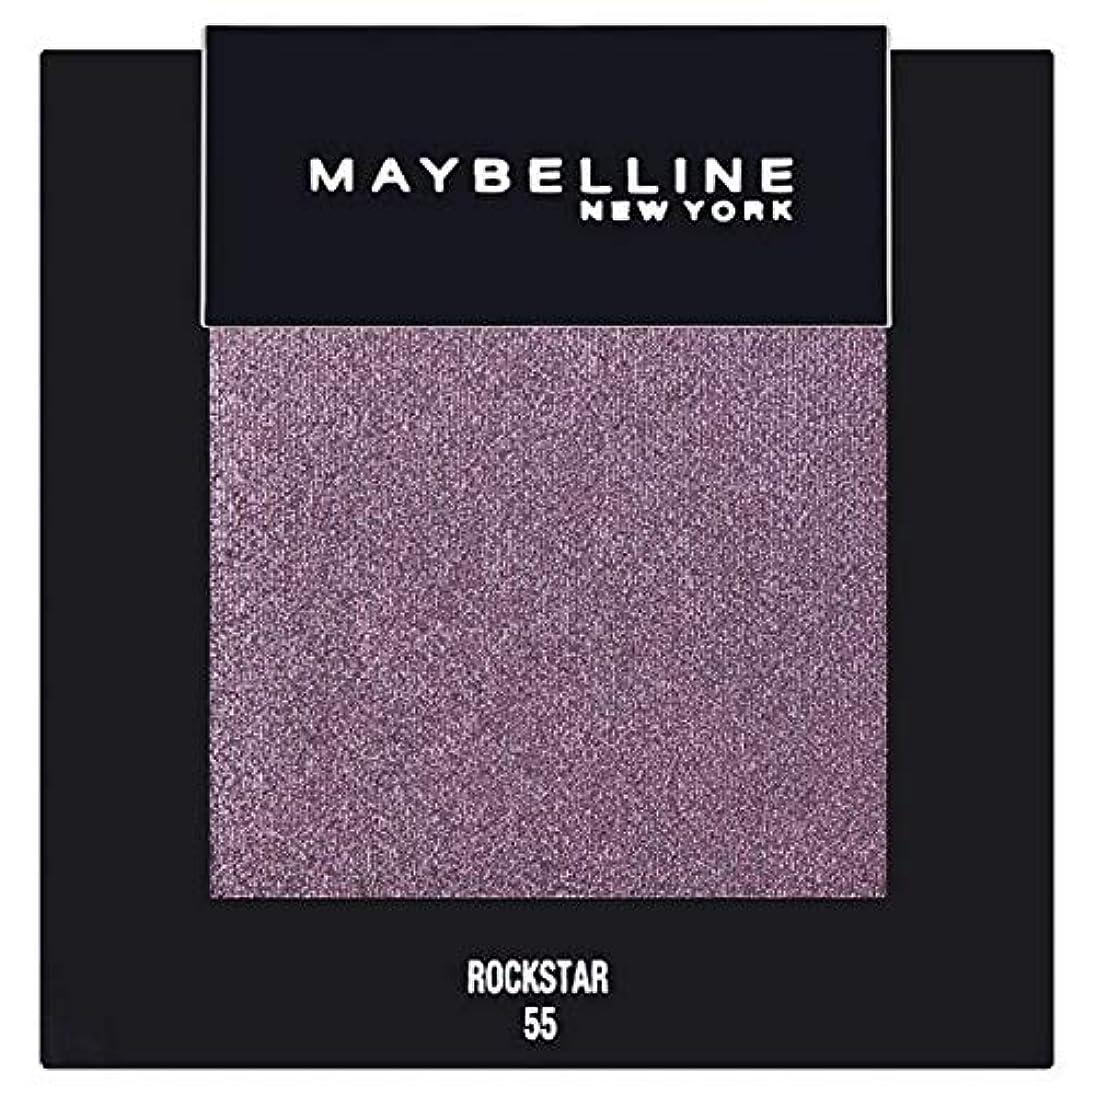 歪めるに慣れ残り物[Maybelline ] メイベリンカラーショーシングルアイシャドウ55ロックスター - Maybelline Color Show Single Eyeshadow 55 Rockstar [並行輸入品]